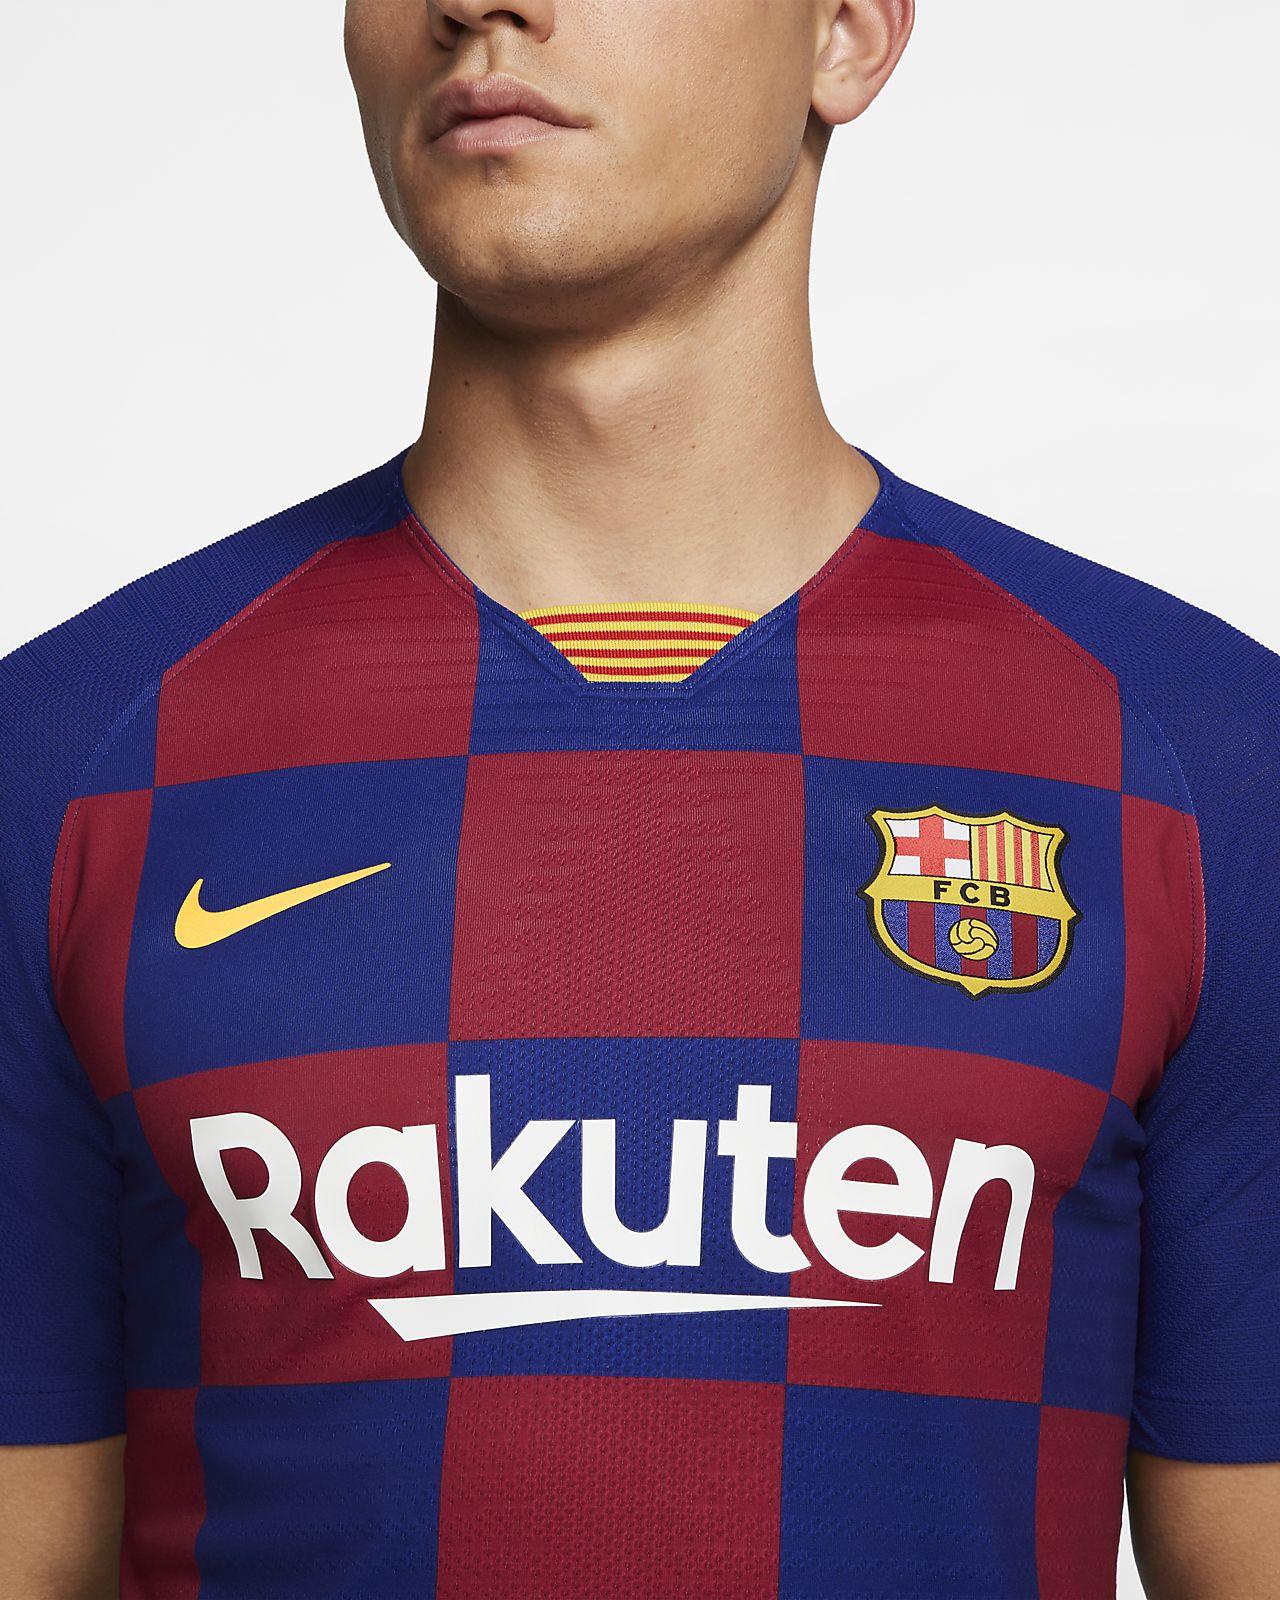 sale retailer 61cd8 5d0fe FC Barcelona 2019/20 Vapor Match Home Men's Football Shirt